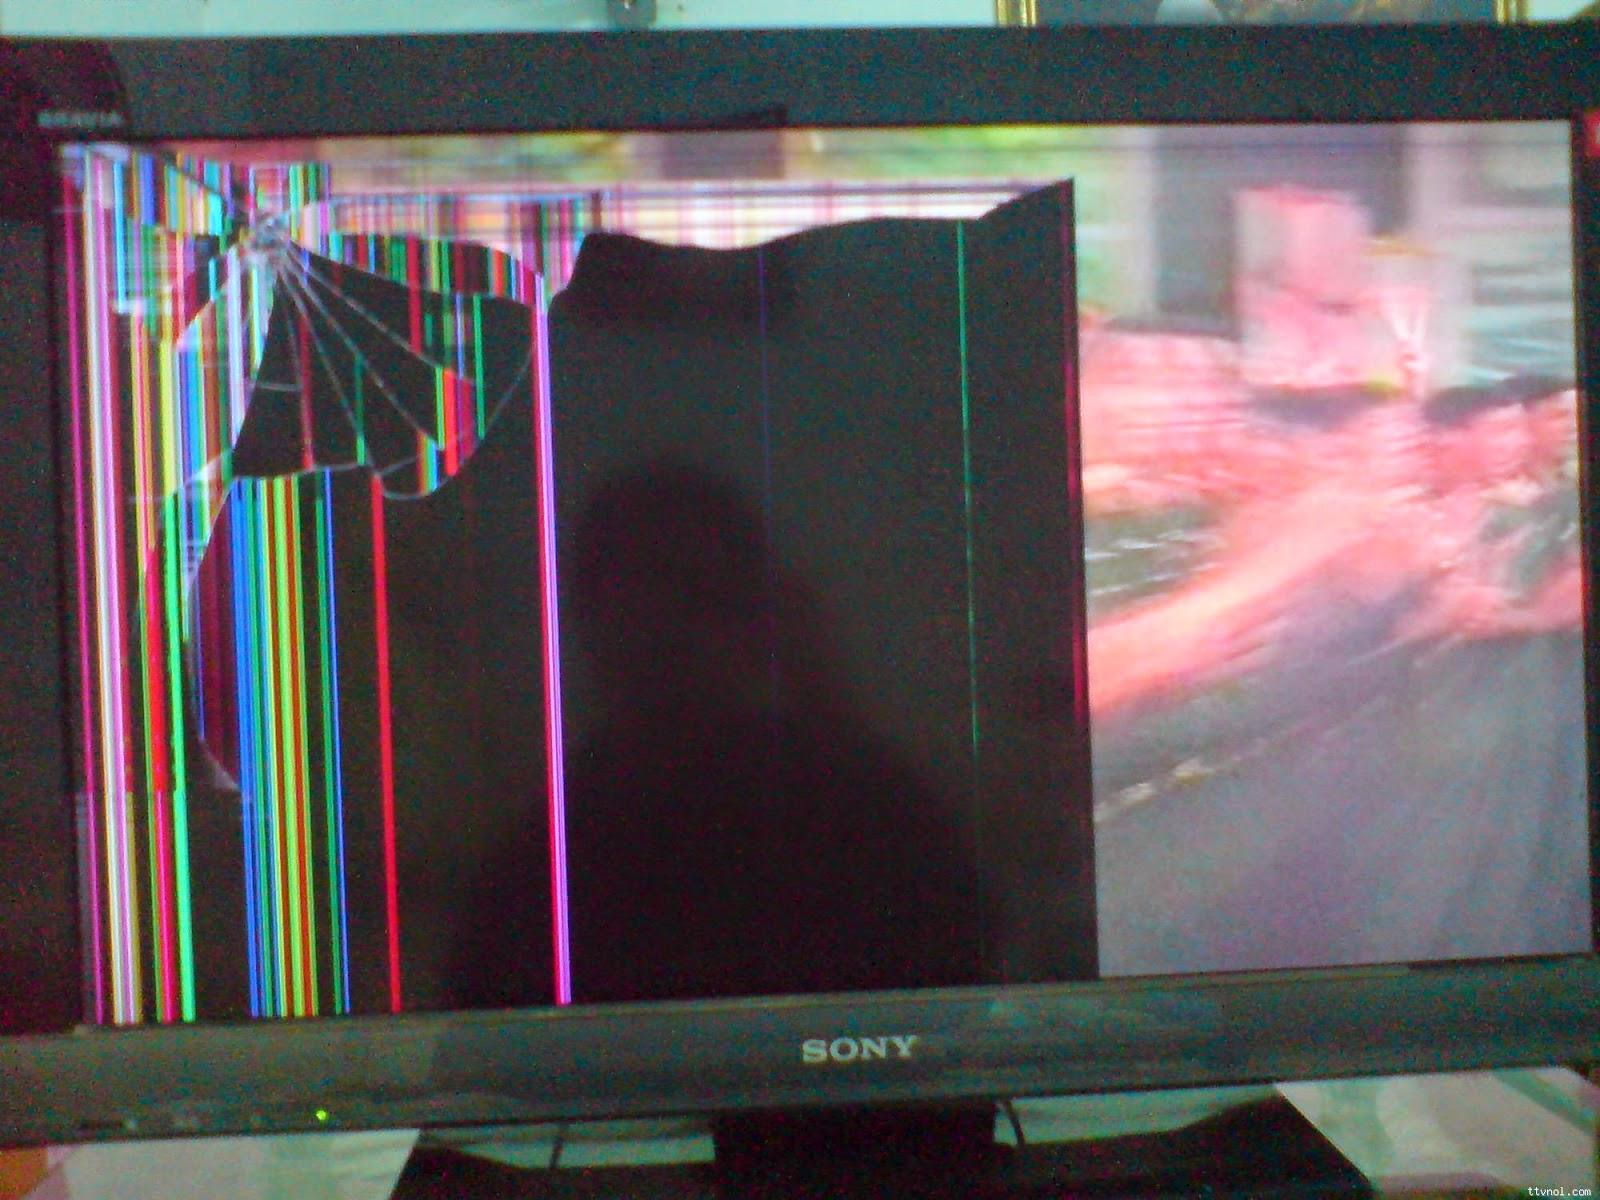 Dịch vụ thu mua tivi lcd cũ hỏng tại nhà